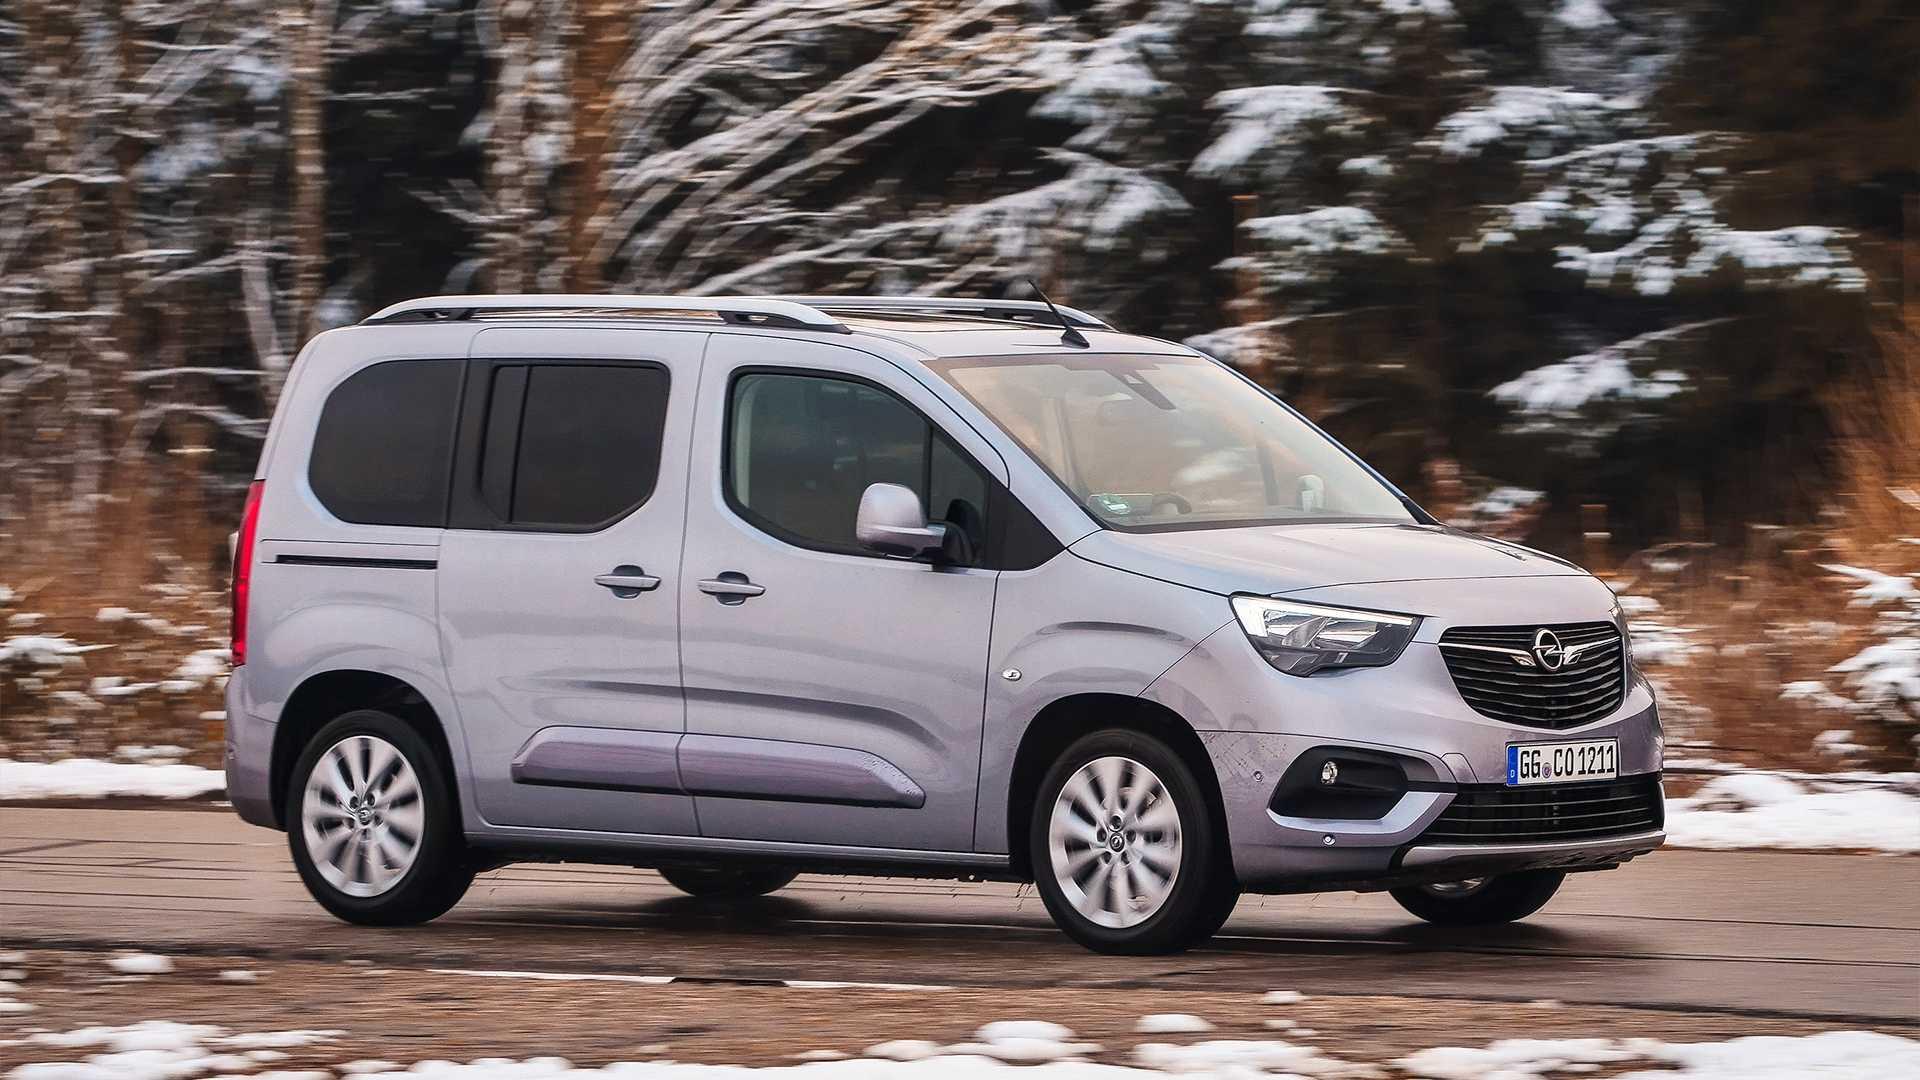 «Блискавична пропозиція» від Opel – купуйте новий автомобіль зі швидкістю блискавки